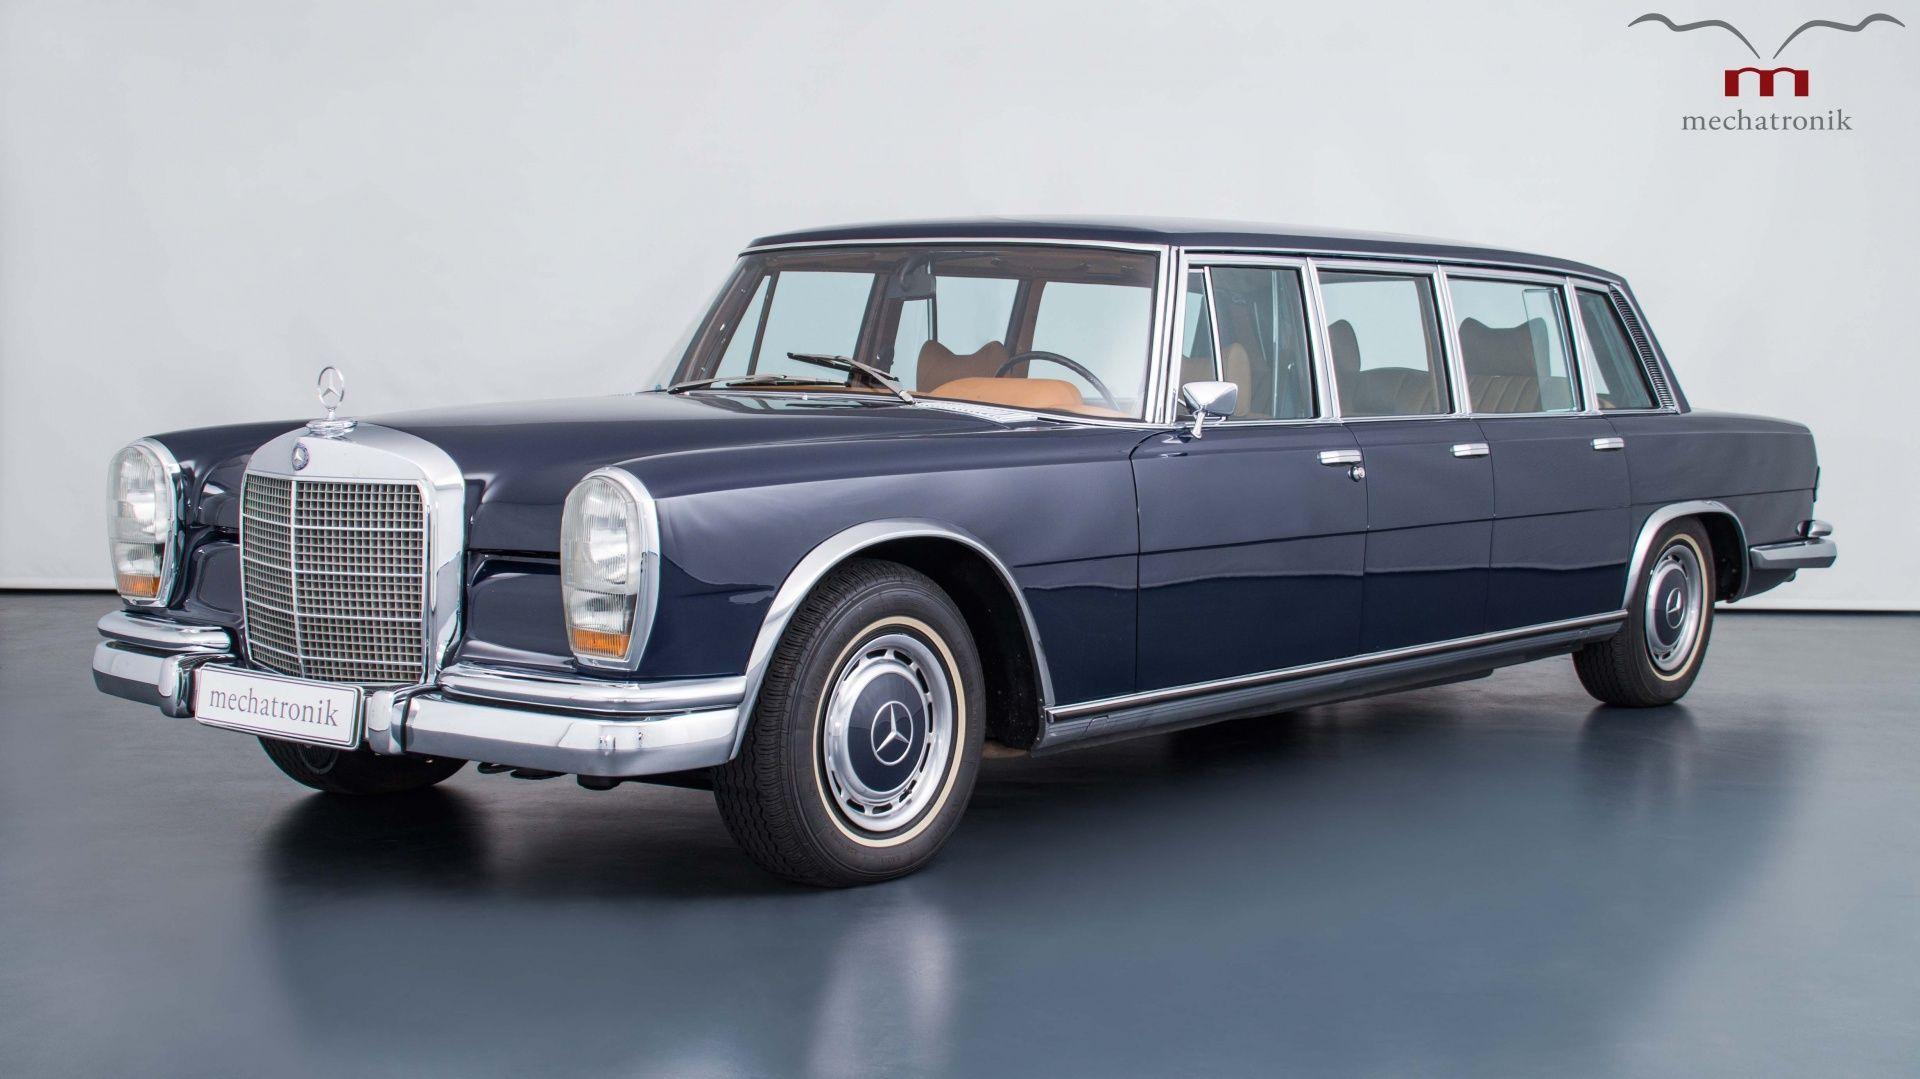 mercedes benz 600 pullman 1972 mercedes benz 600 mercedes benz oldtimer autos. Black Bedroom Furniture Sets. Home Design Ideas